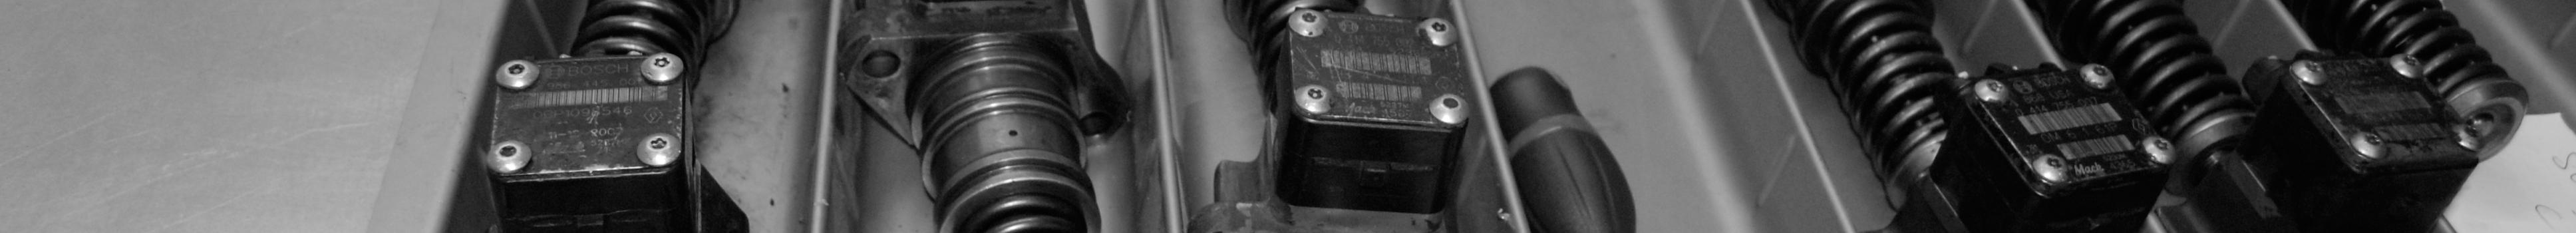 pieces detachees pompes a injection injecteurs joints additifs